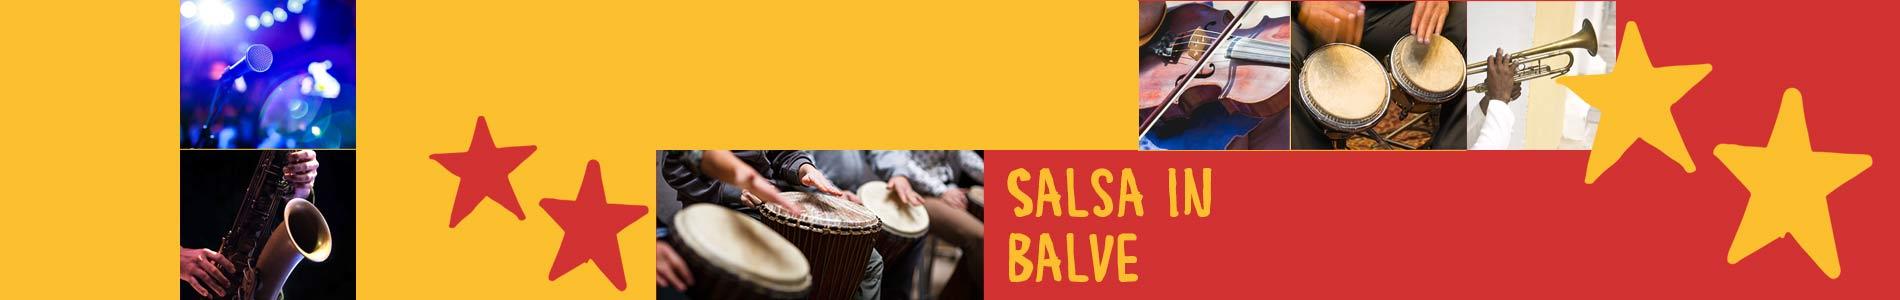 Salsa in Balve – Salsa lernen und tanzen, Tanzkurse, Partys, Veranstaltungen